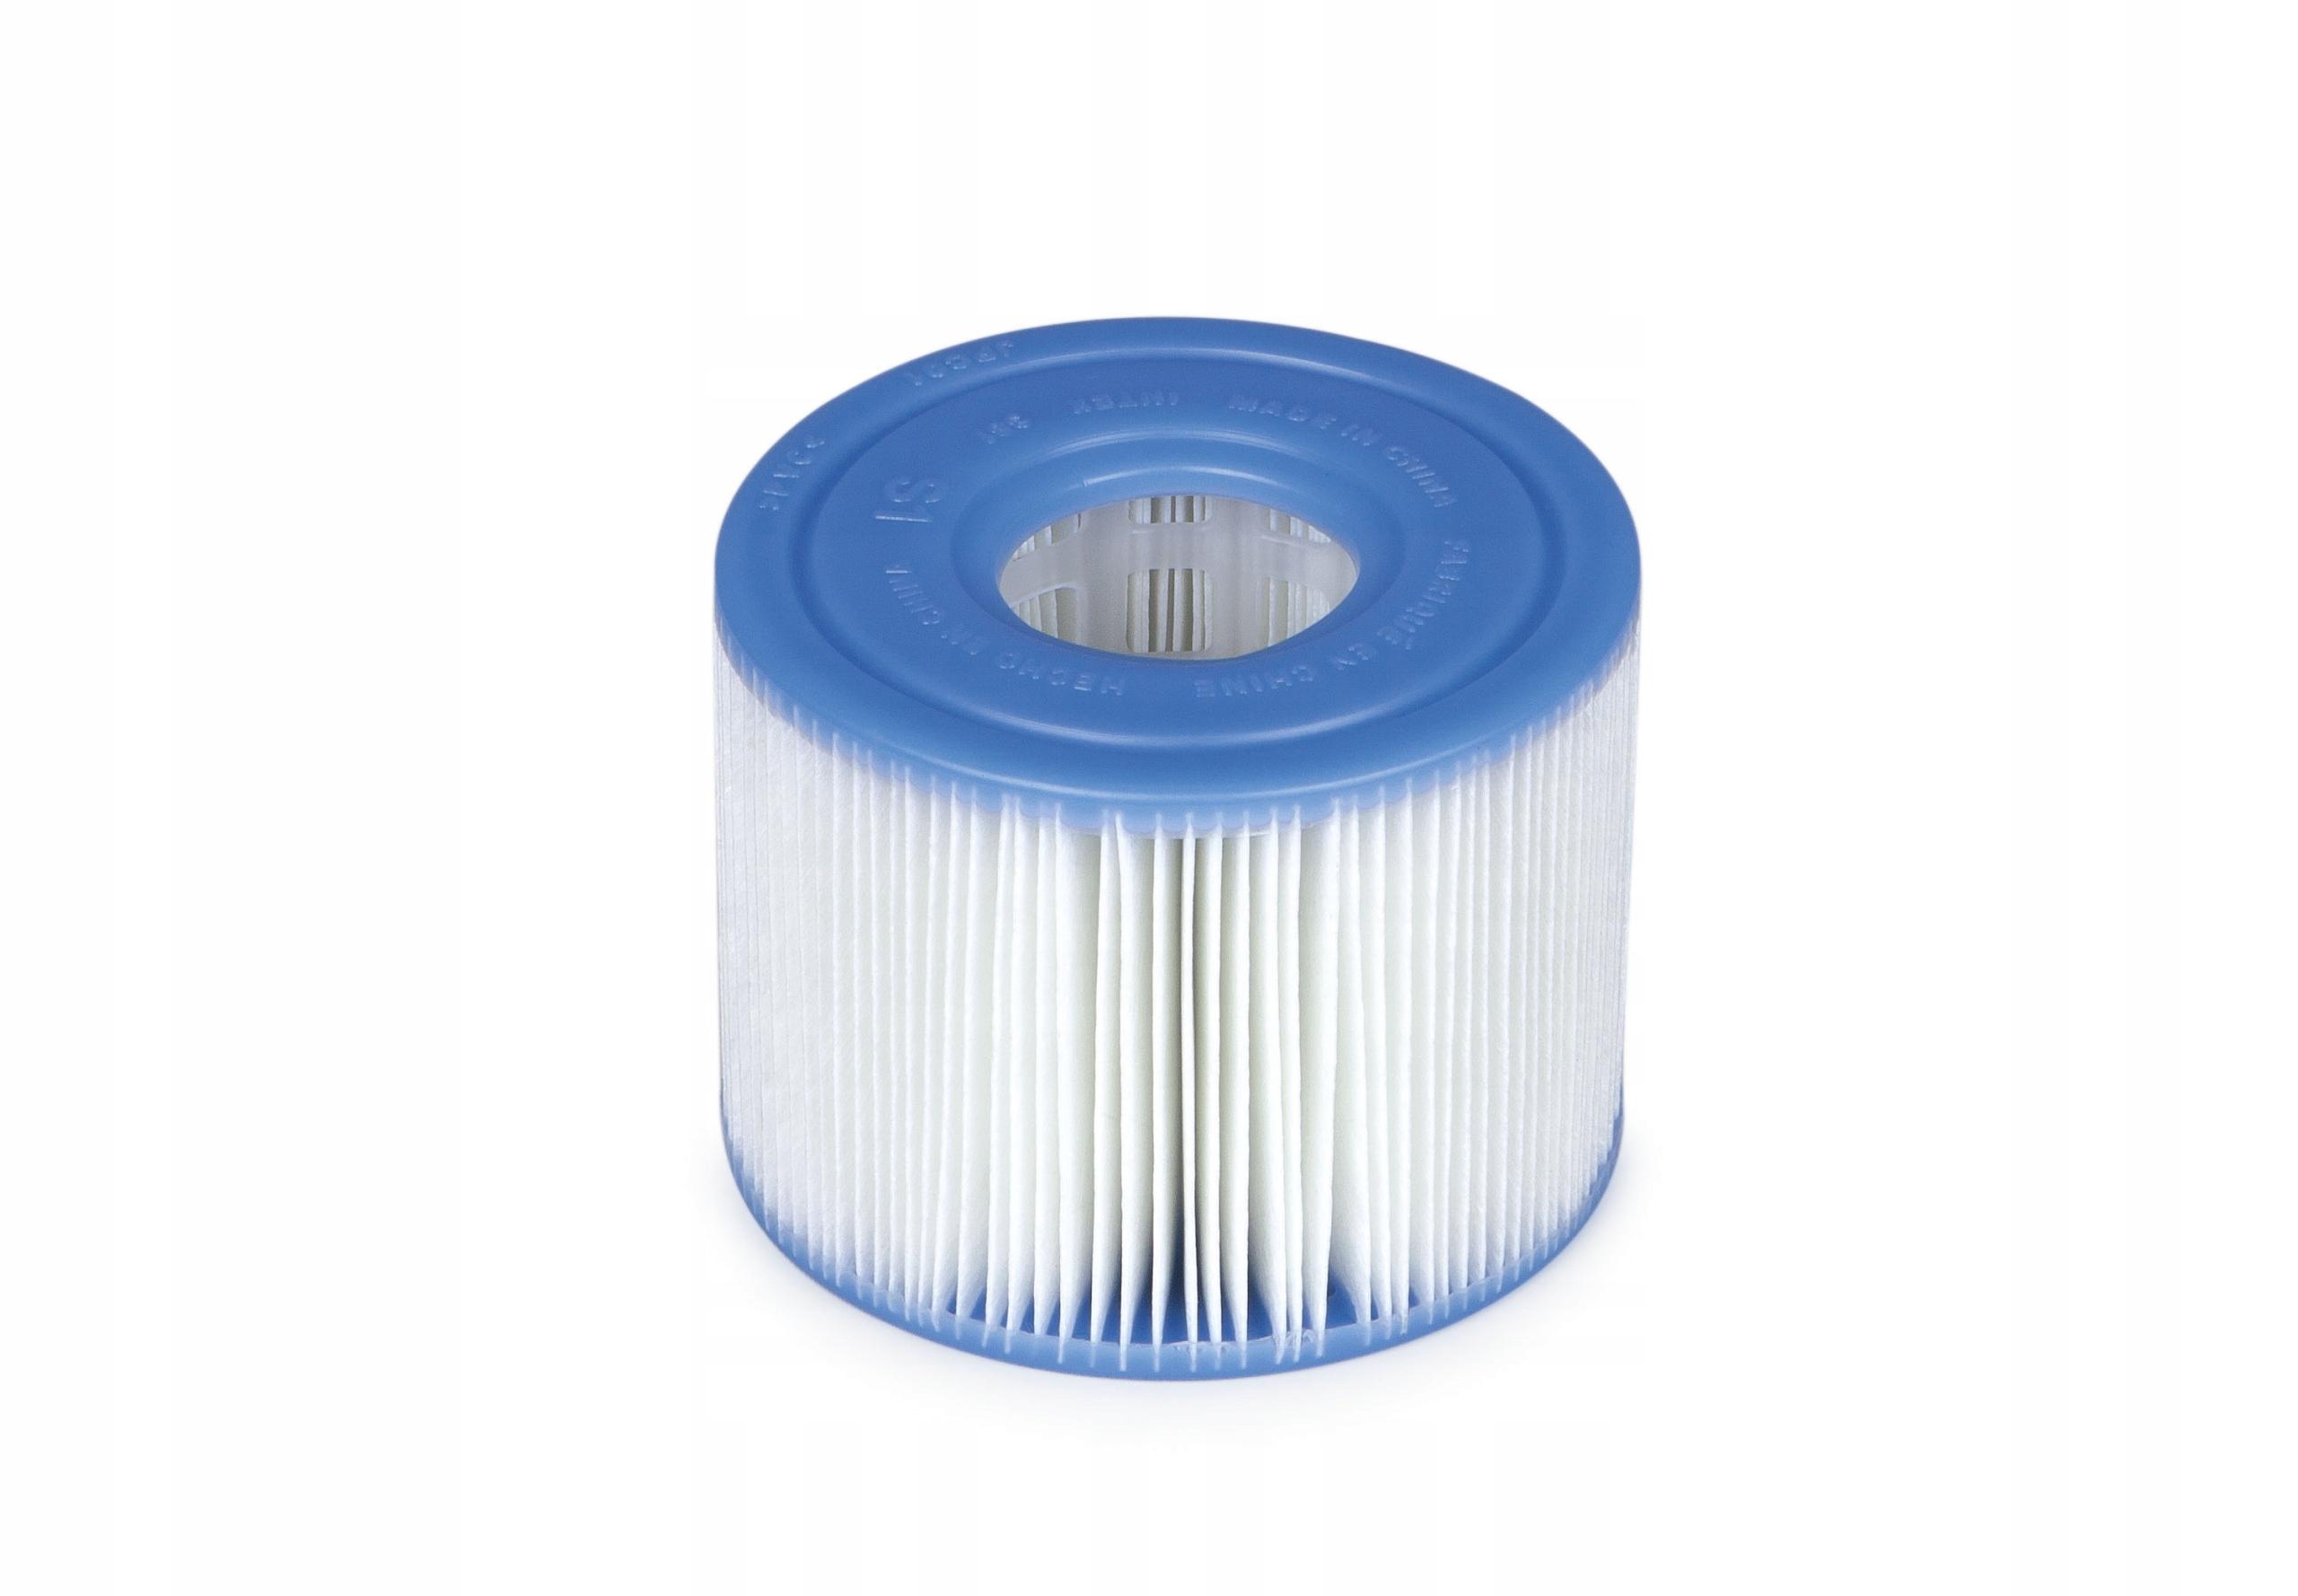 2x FILTR FILTRY TYP S1 do POMPY SPA INTEX 29001 Waga produktu z opakowaniem jednostkowym 0.3 kg